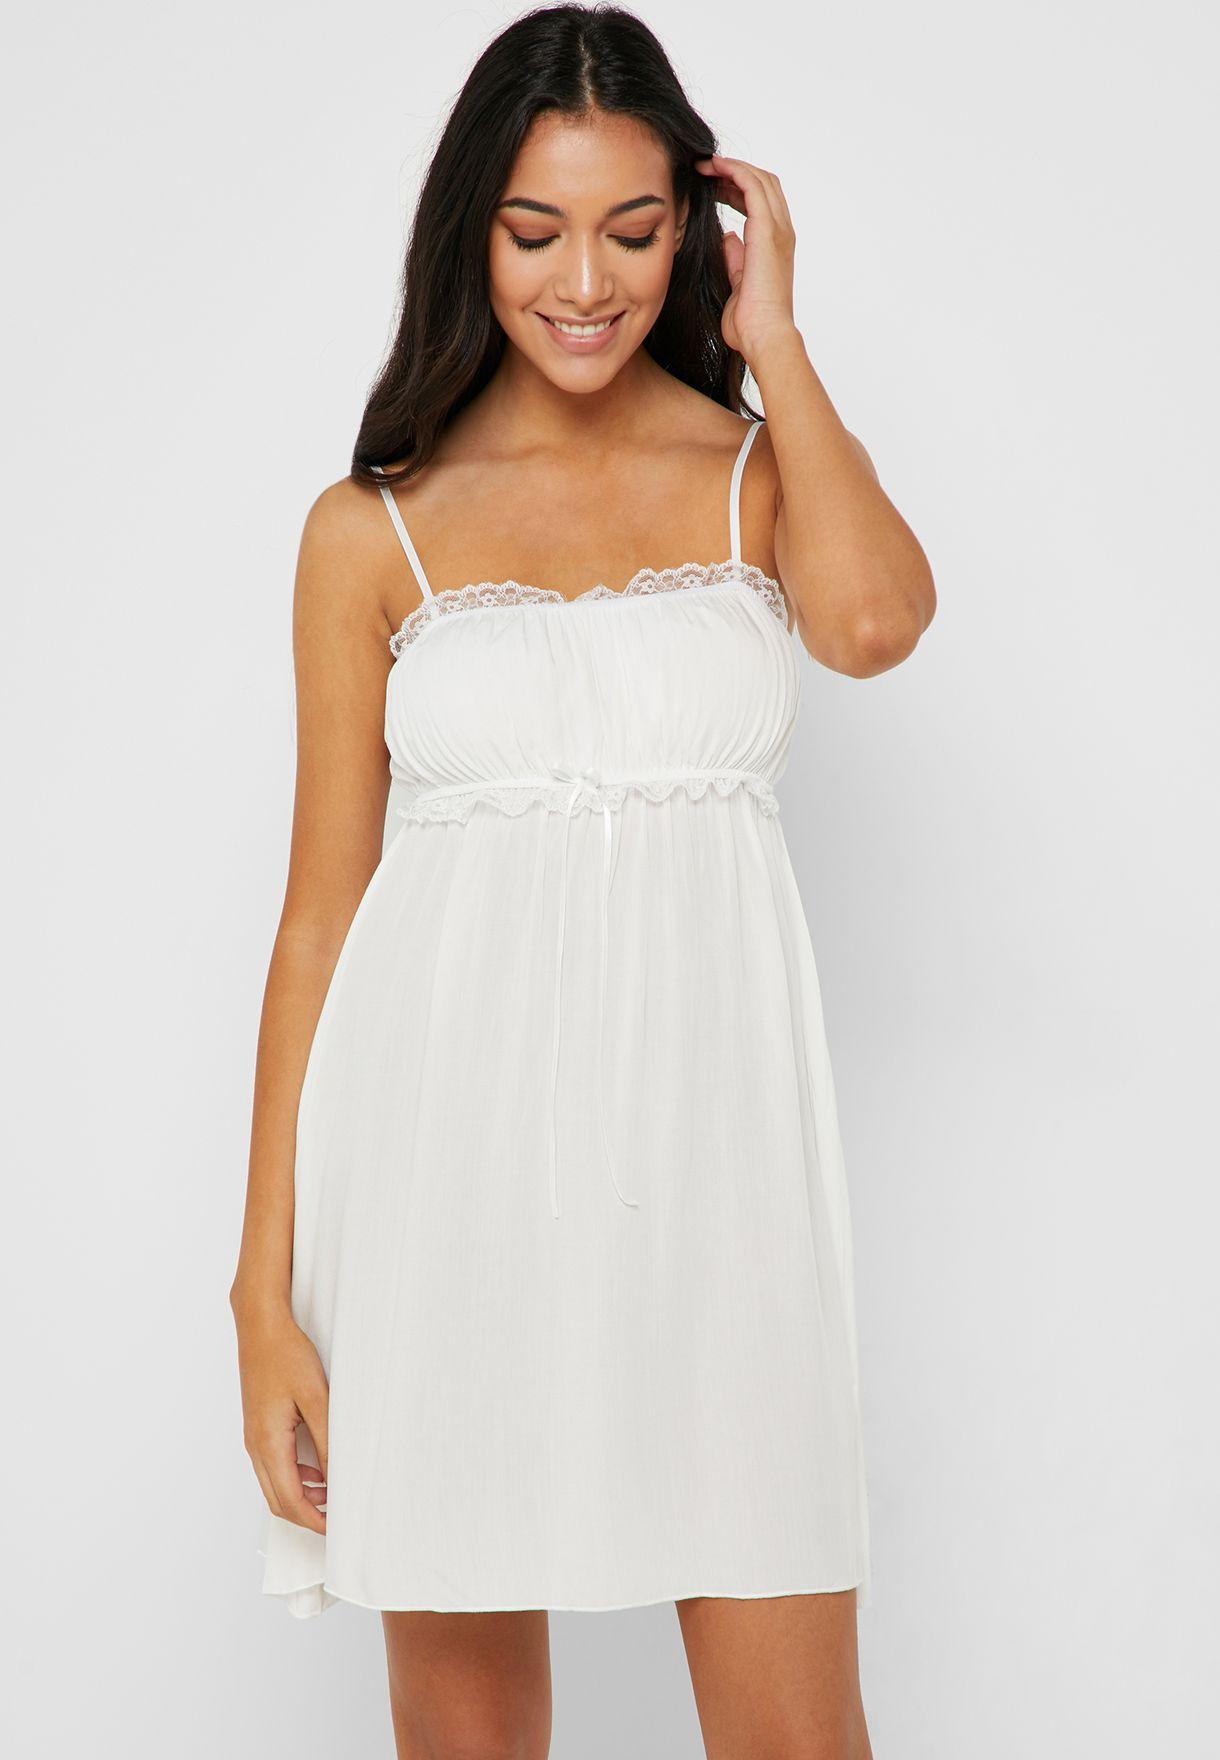 3f72aac1239 Shop Ella white Lace Insert Detail Nightdress GT015 for Women in UAE ...